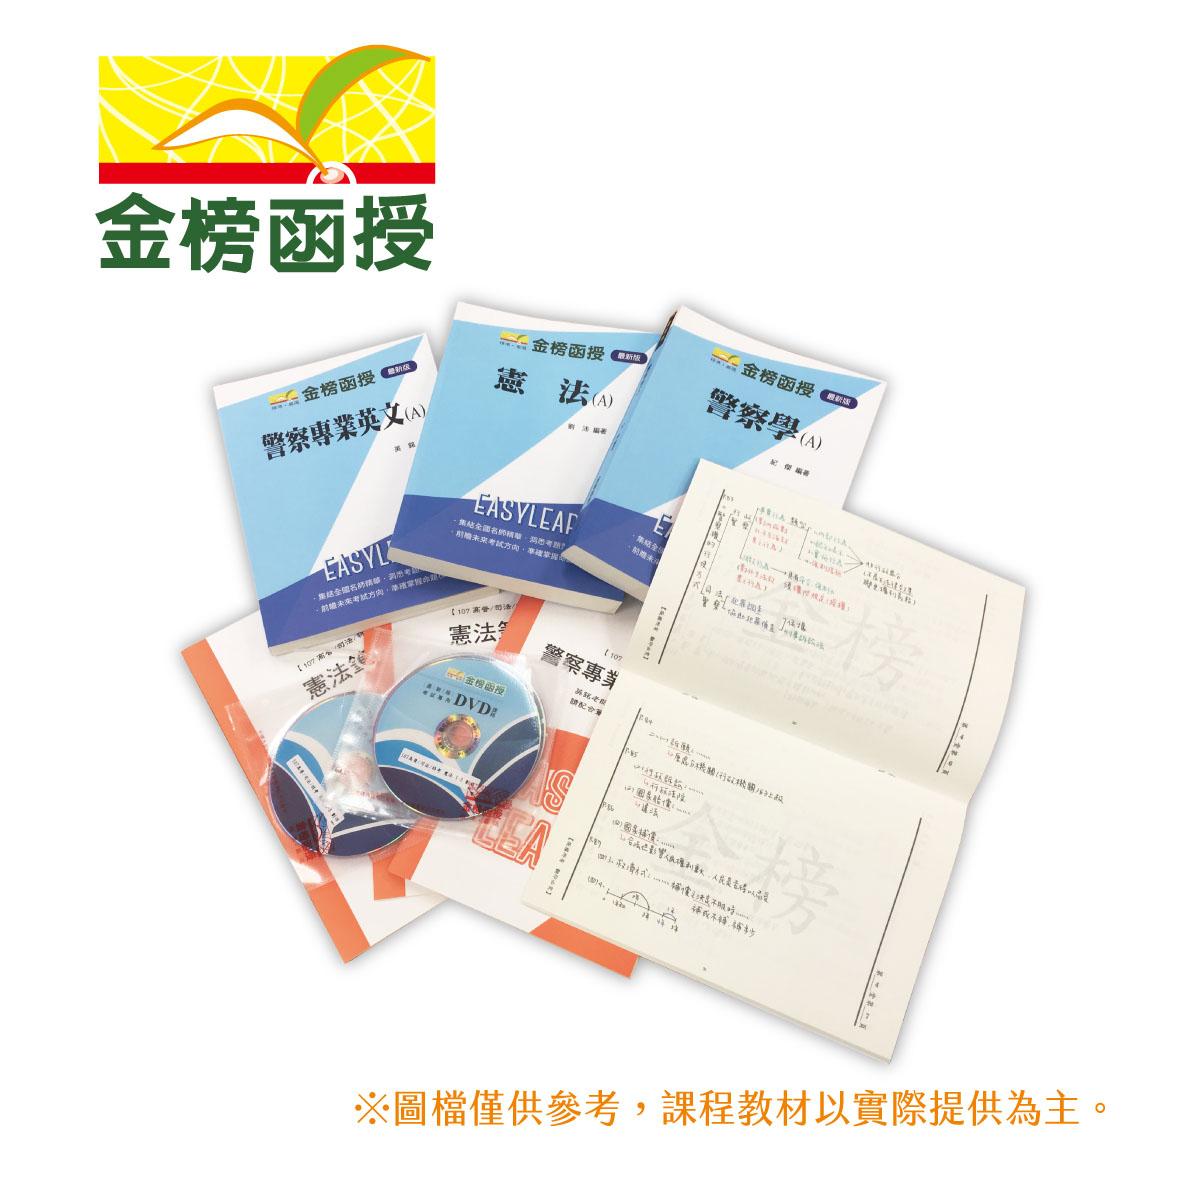 108金榜函授/初等考/全套/人事行政/云端